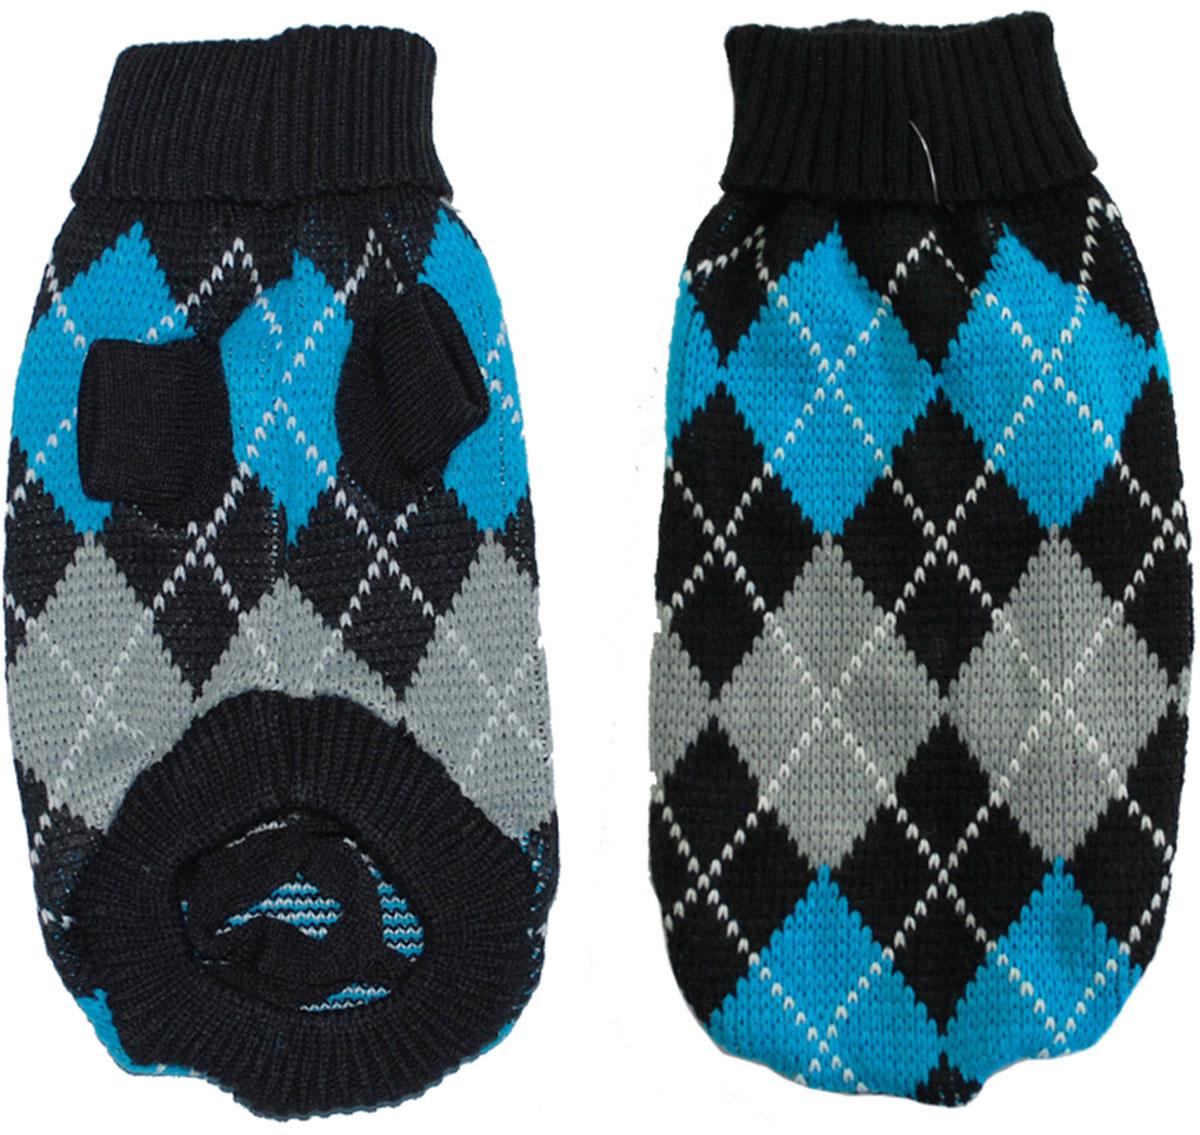 """Свитер для собак """"Уют"""", унисекс, цвет: черный, синий, серый. НМ24ХЛ. Размер XL"""